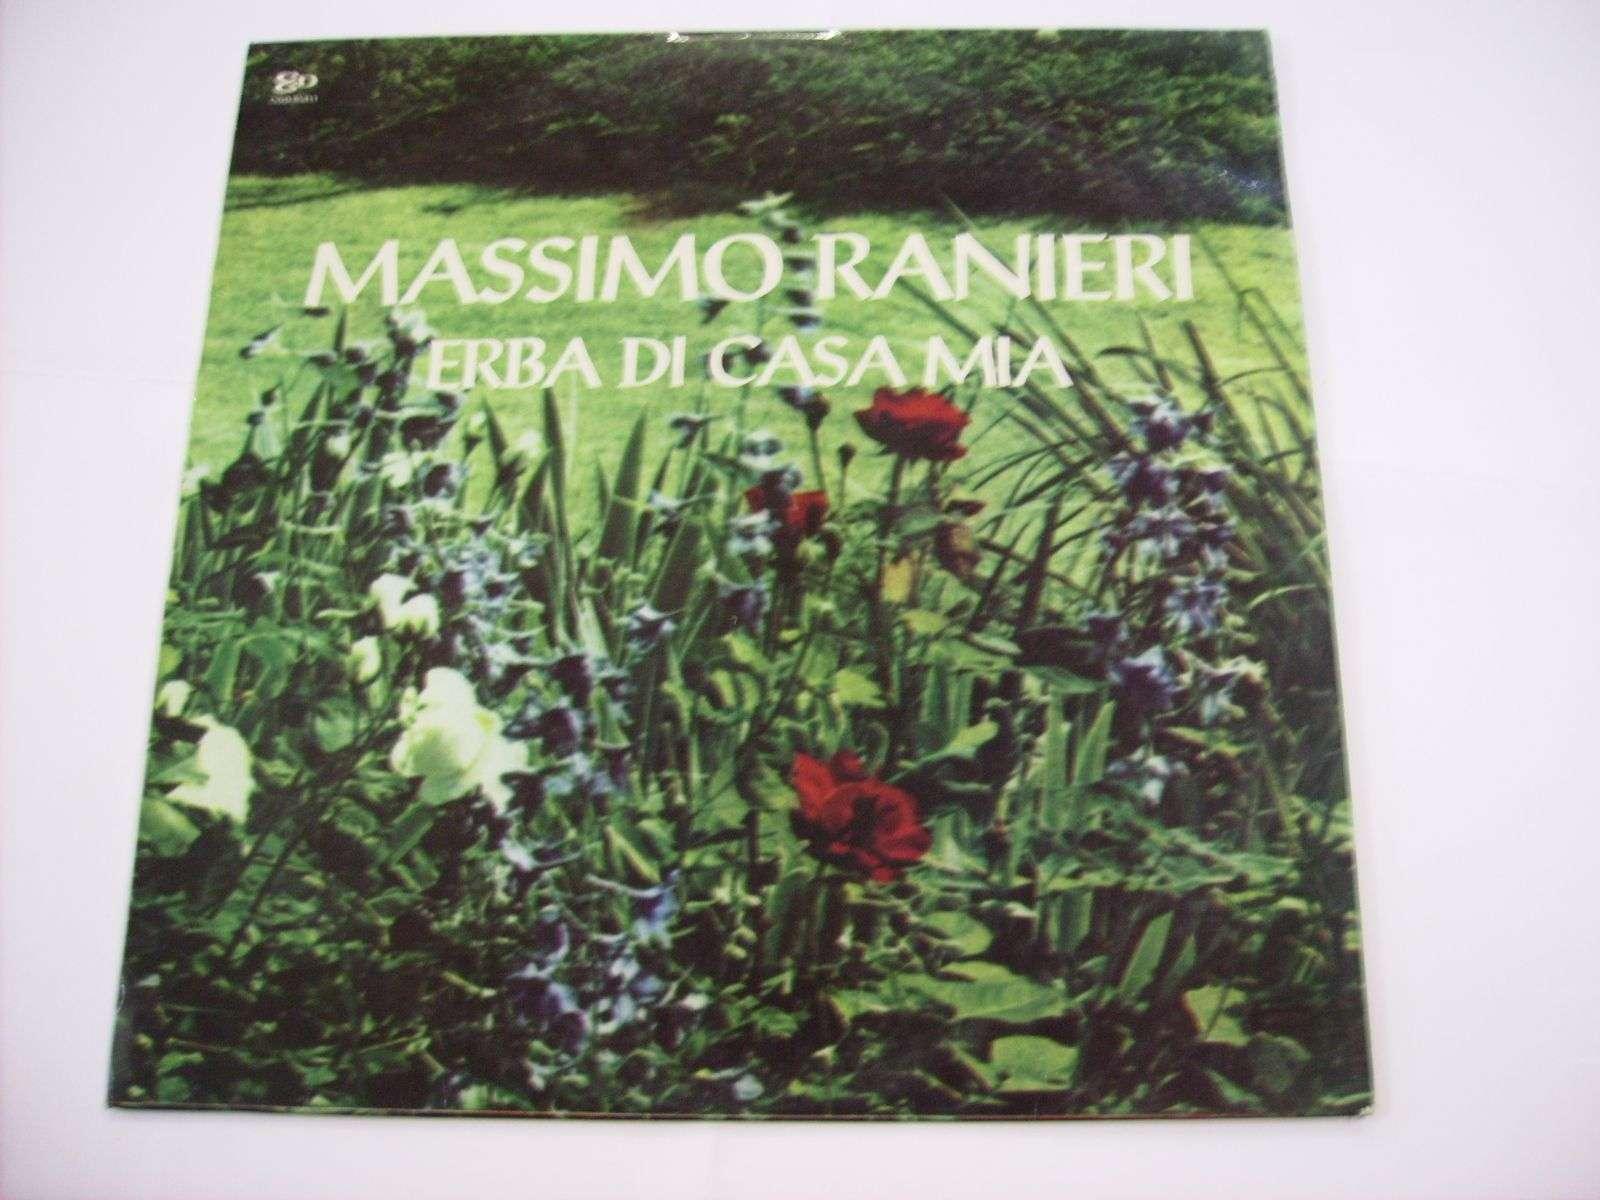 Massimo ranieri records lps vinyl and cds musicstack for Massimo ranieri erba di casa mia